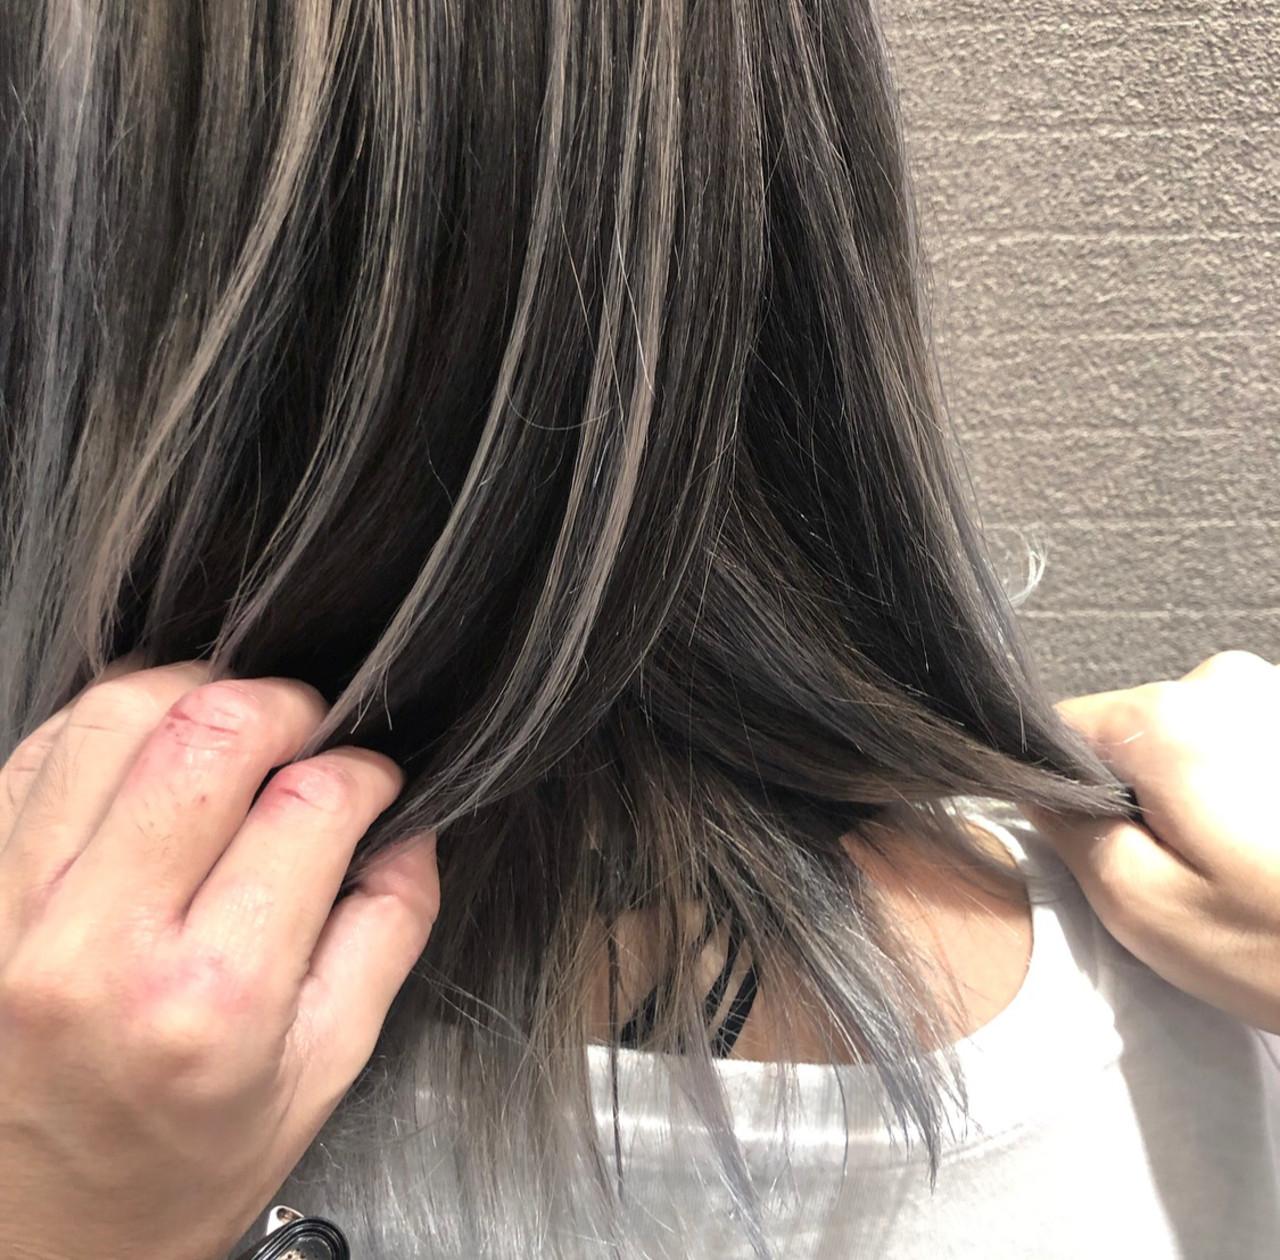 ストリート 外国人風 3Dハイライト ミディアム ヘアスタイルや髪型の写真・画像 | アンドウ ユウ / agu hair edge